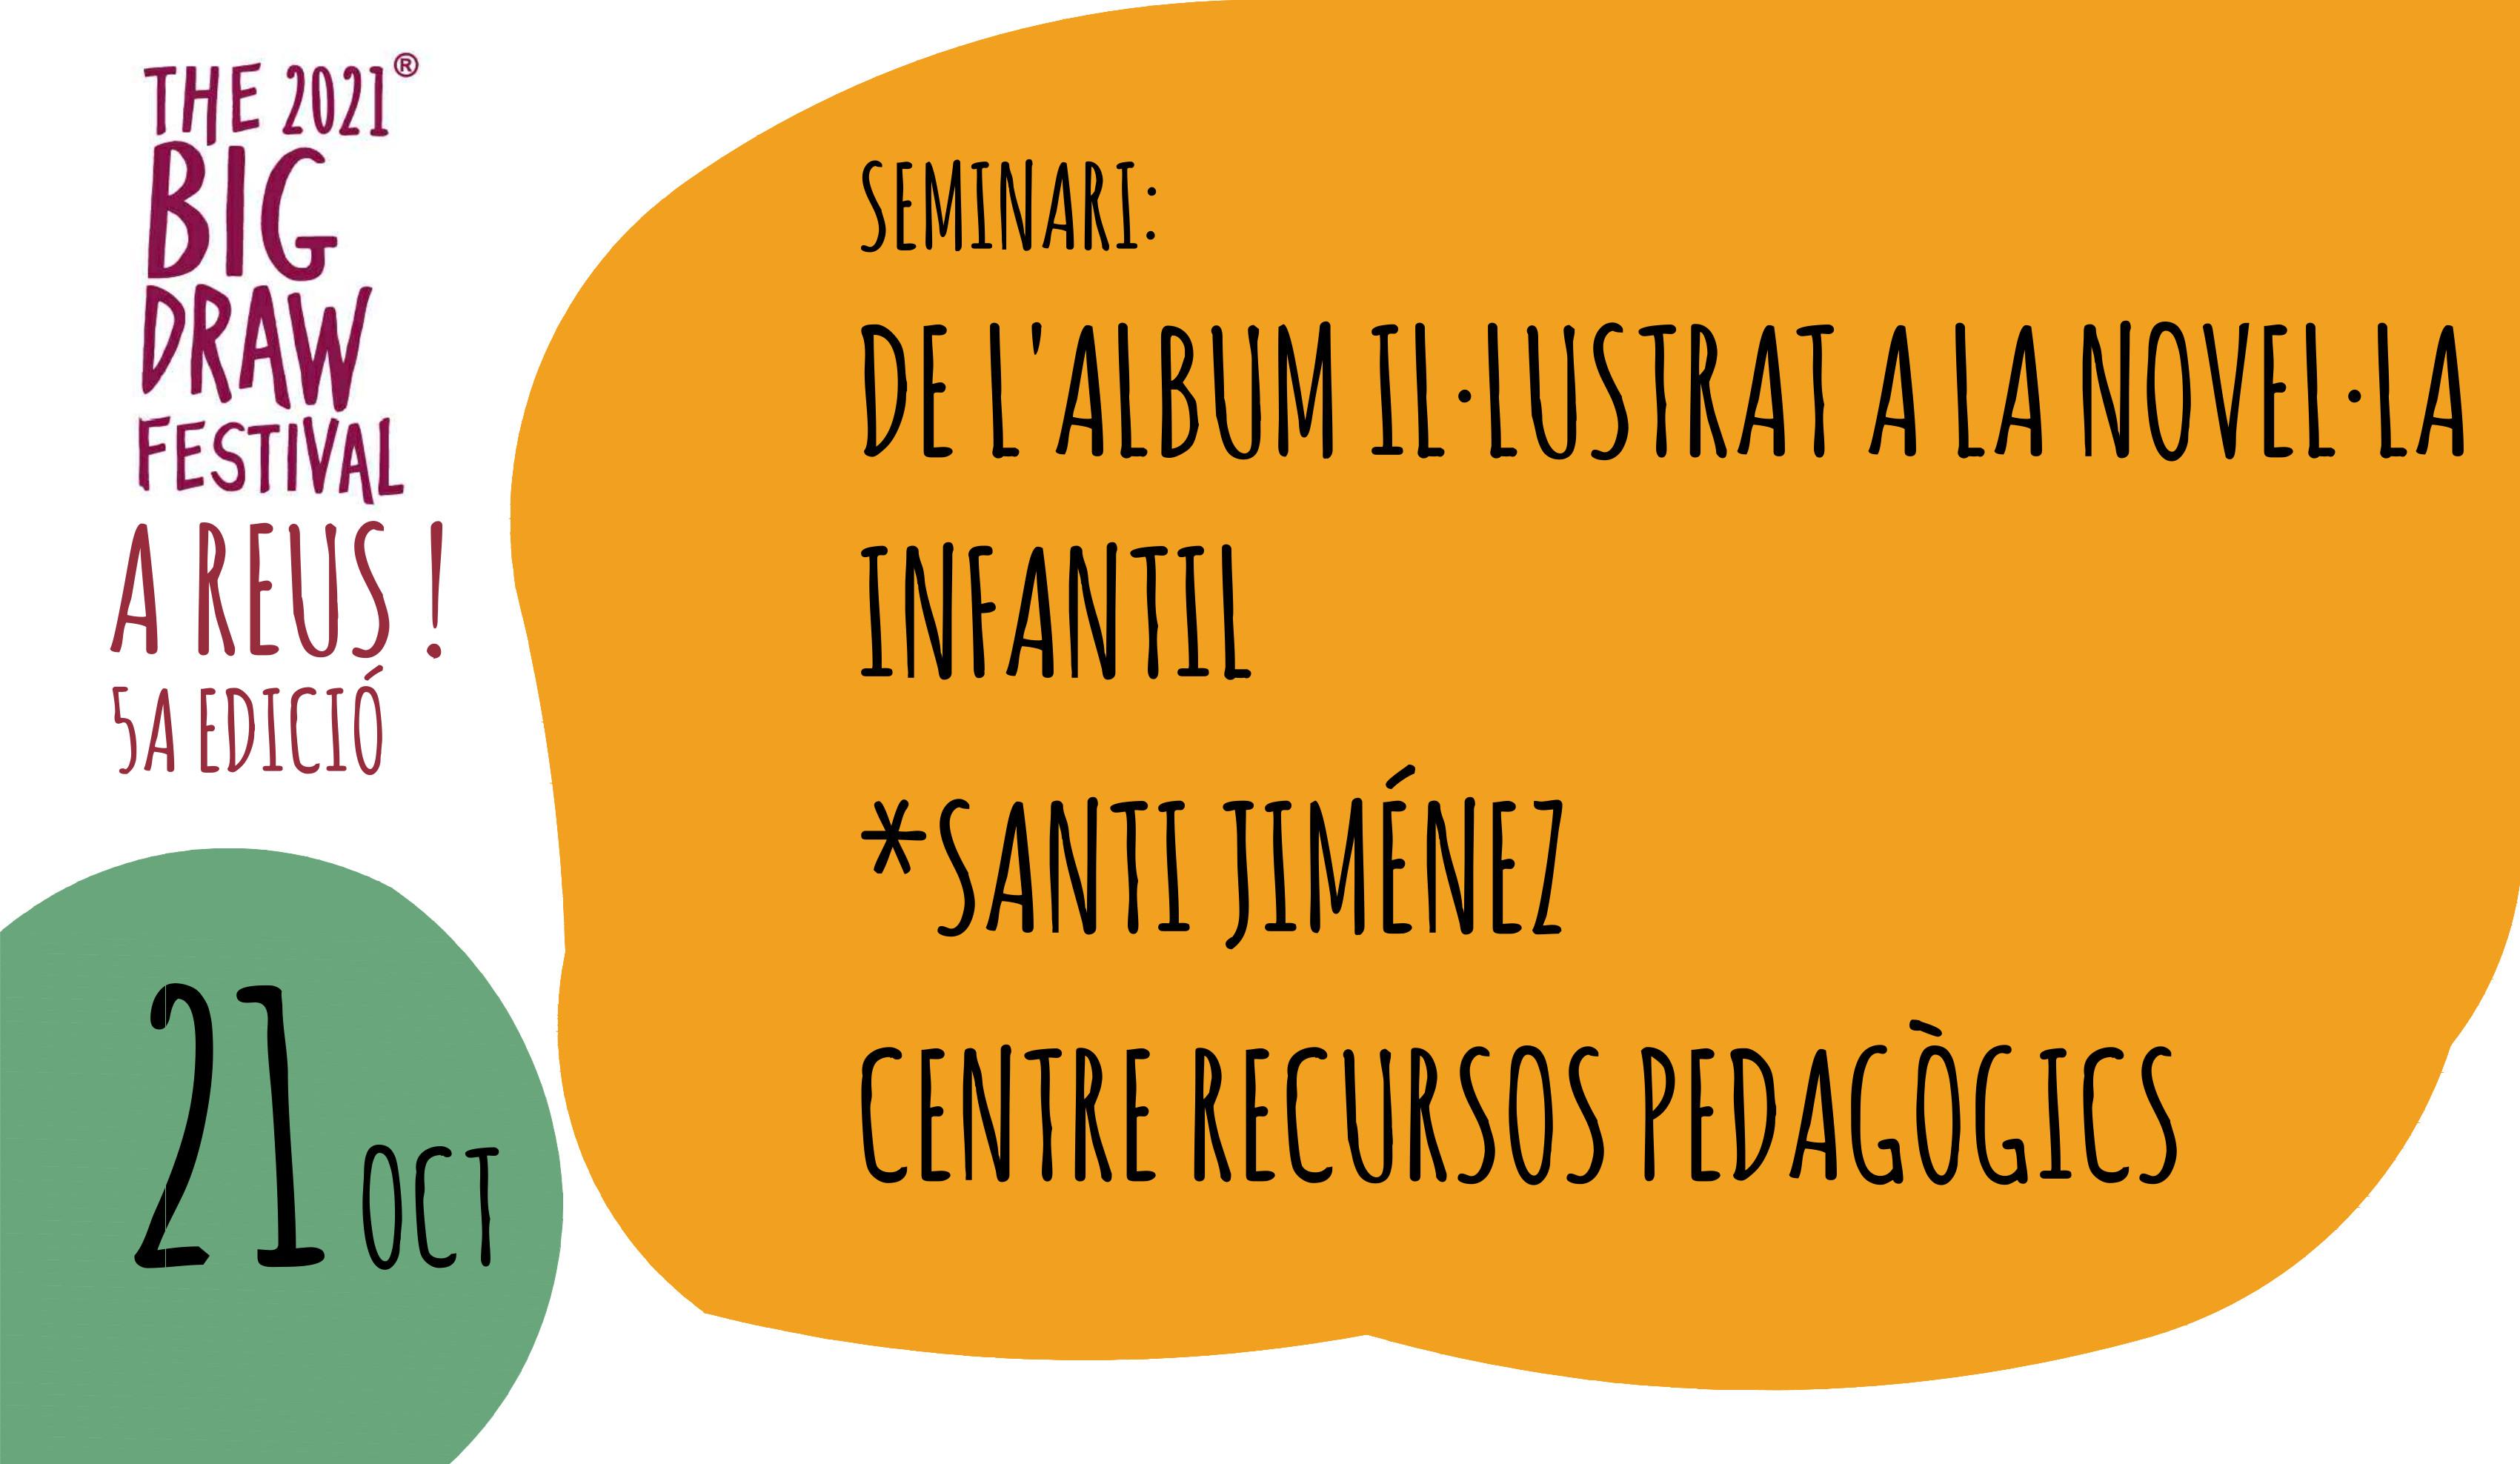 Imatge de l'agenda Seminari Àlbum il·lustrat a la novel·la per a joves